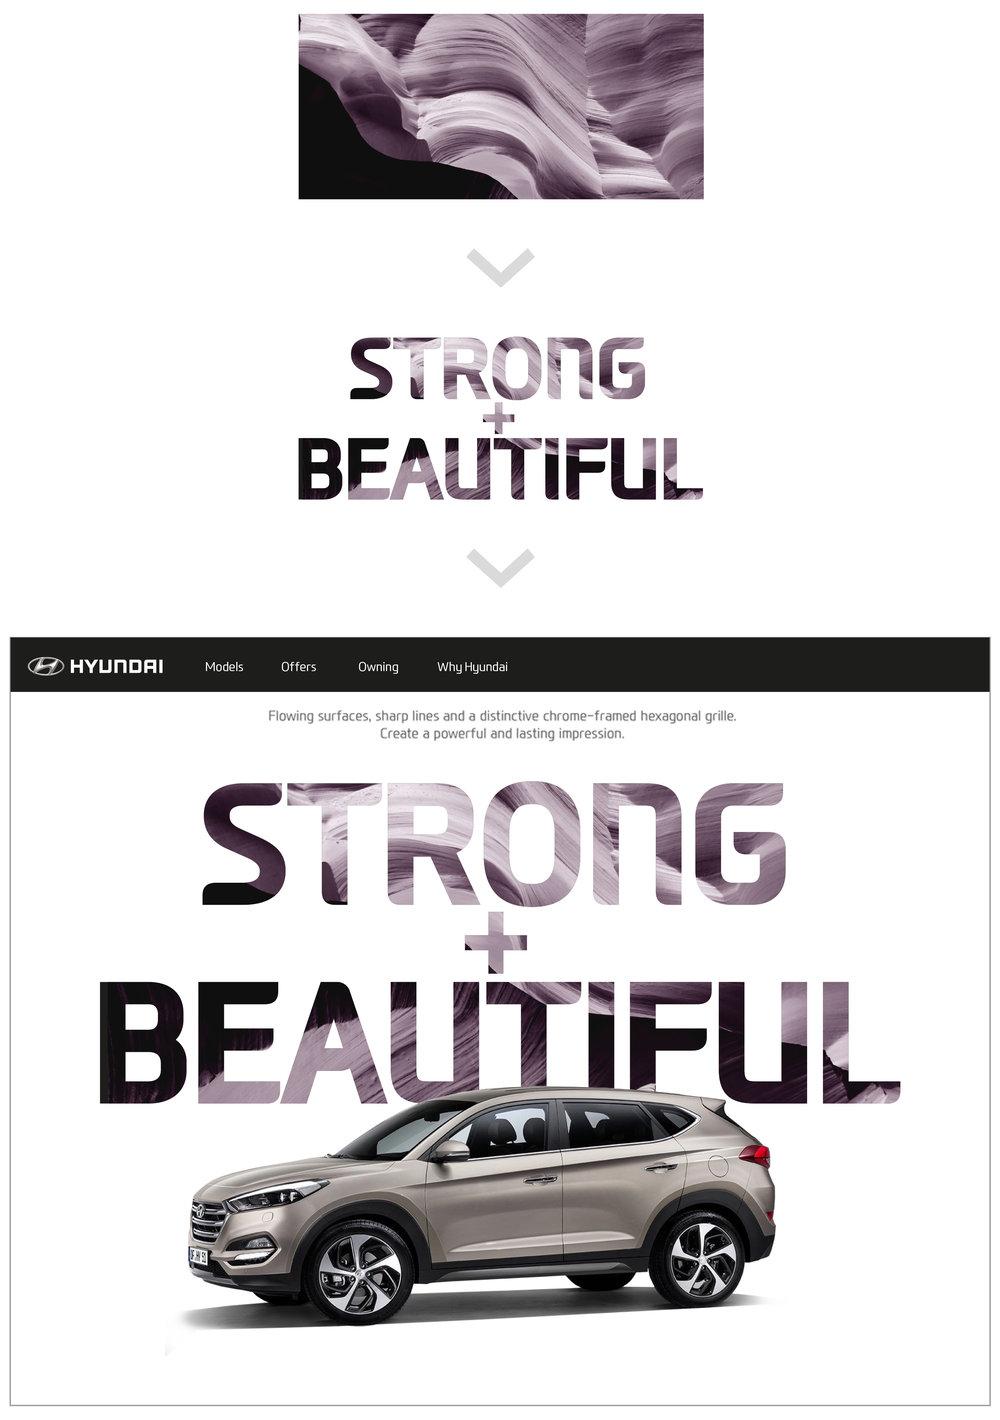 Hyundai_07.jpg